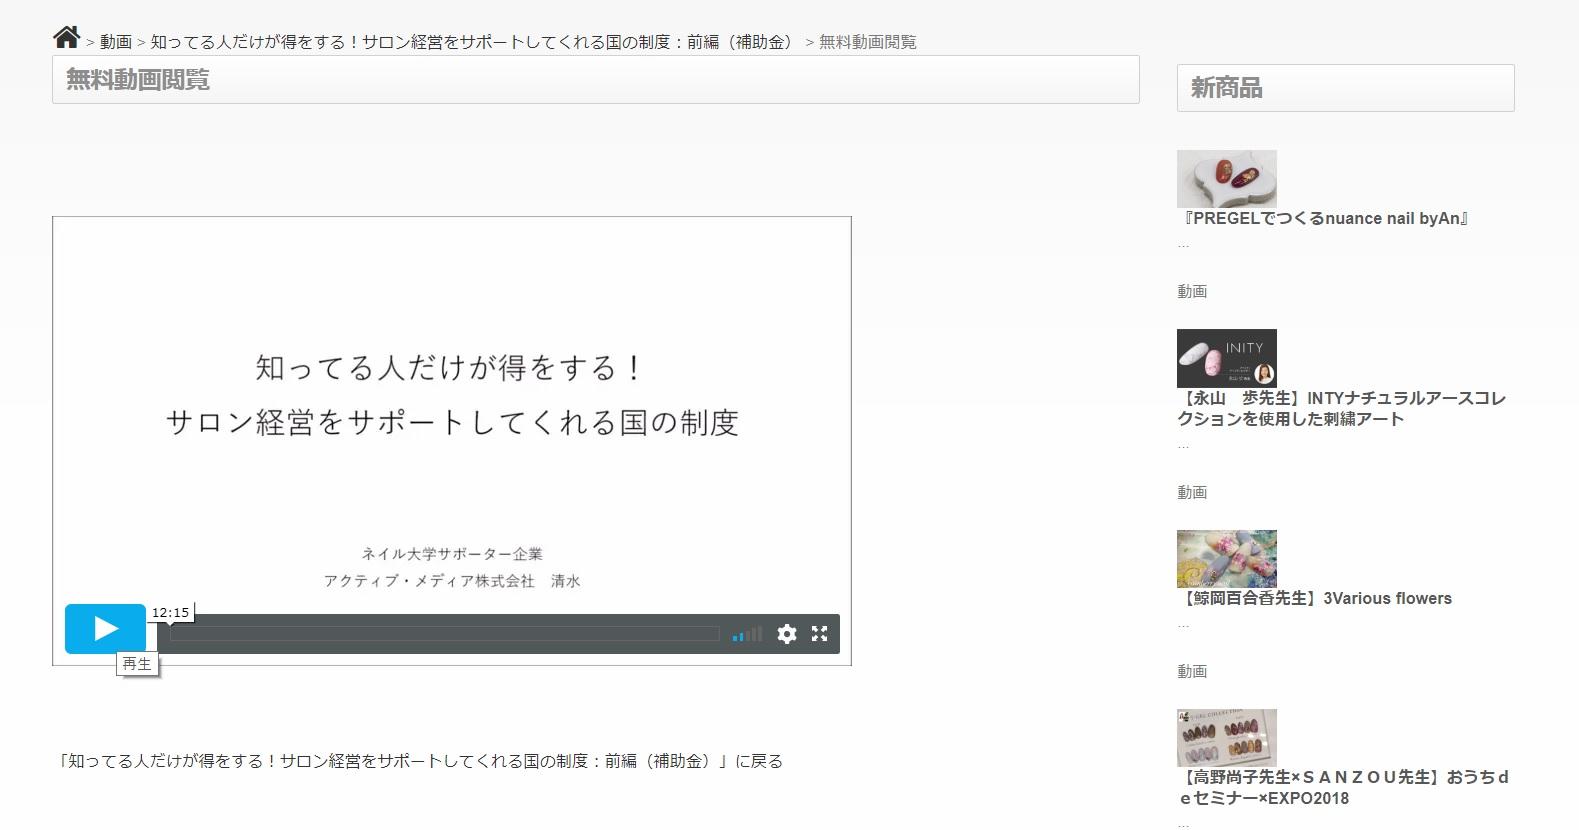 【ネイルセミナーの決定版】ネイルショップTATおうちdeセミナーの紹介